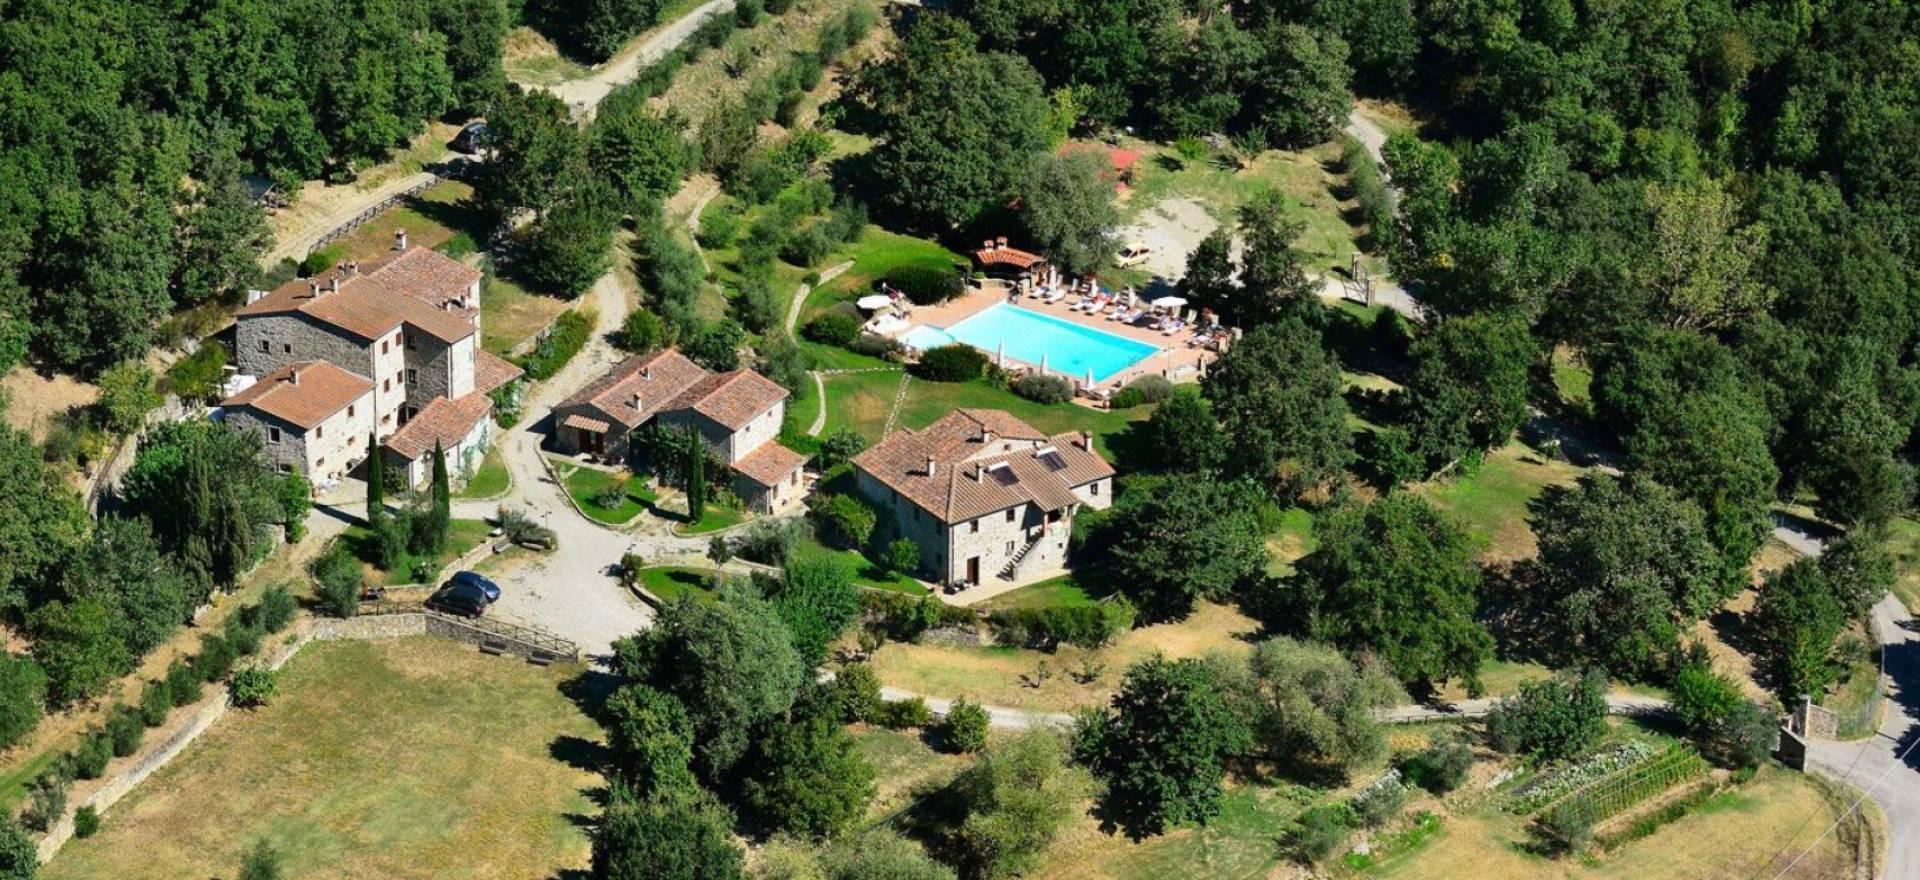 Agriturismo Toscane Kindvriendelijke en levendige agriturismo in Toscane